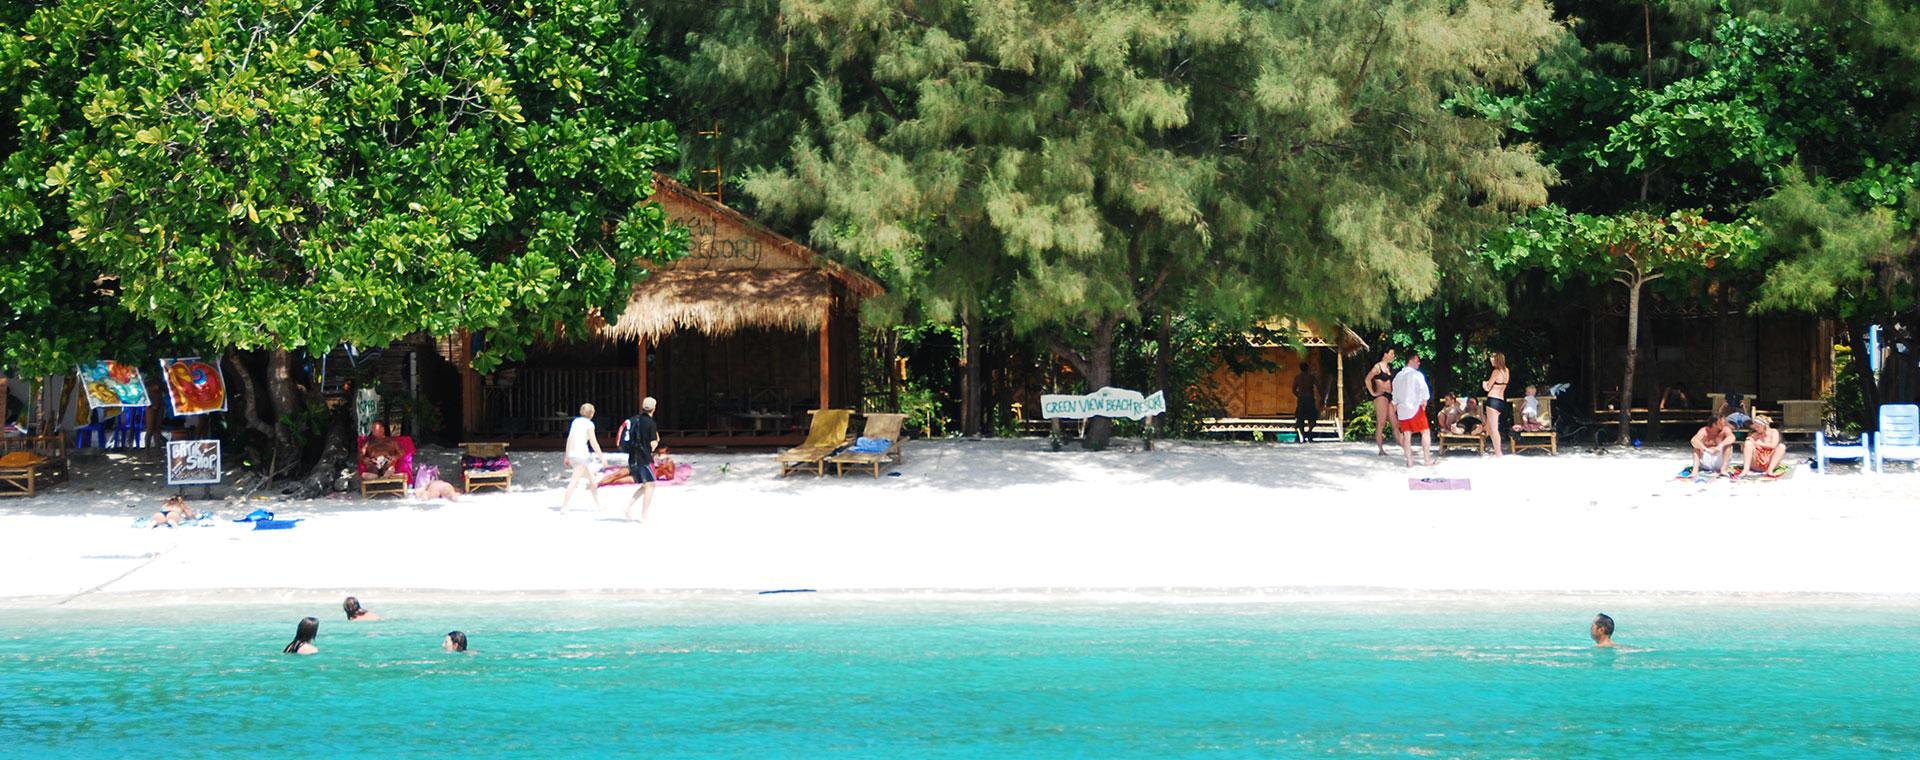 Bamboo garden rooms at lipe beach resort koh lipe - Green View Lipe Resort Beach Front